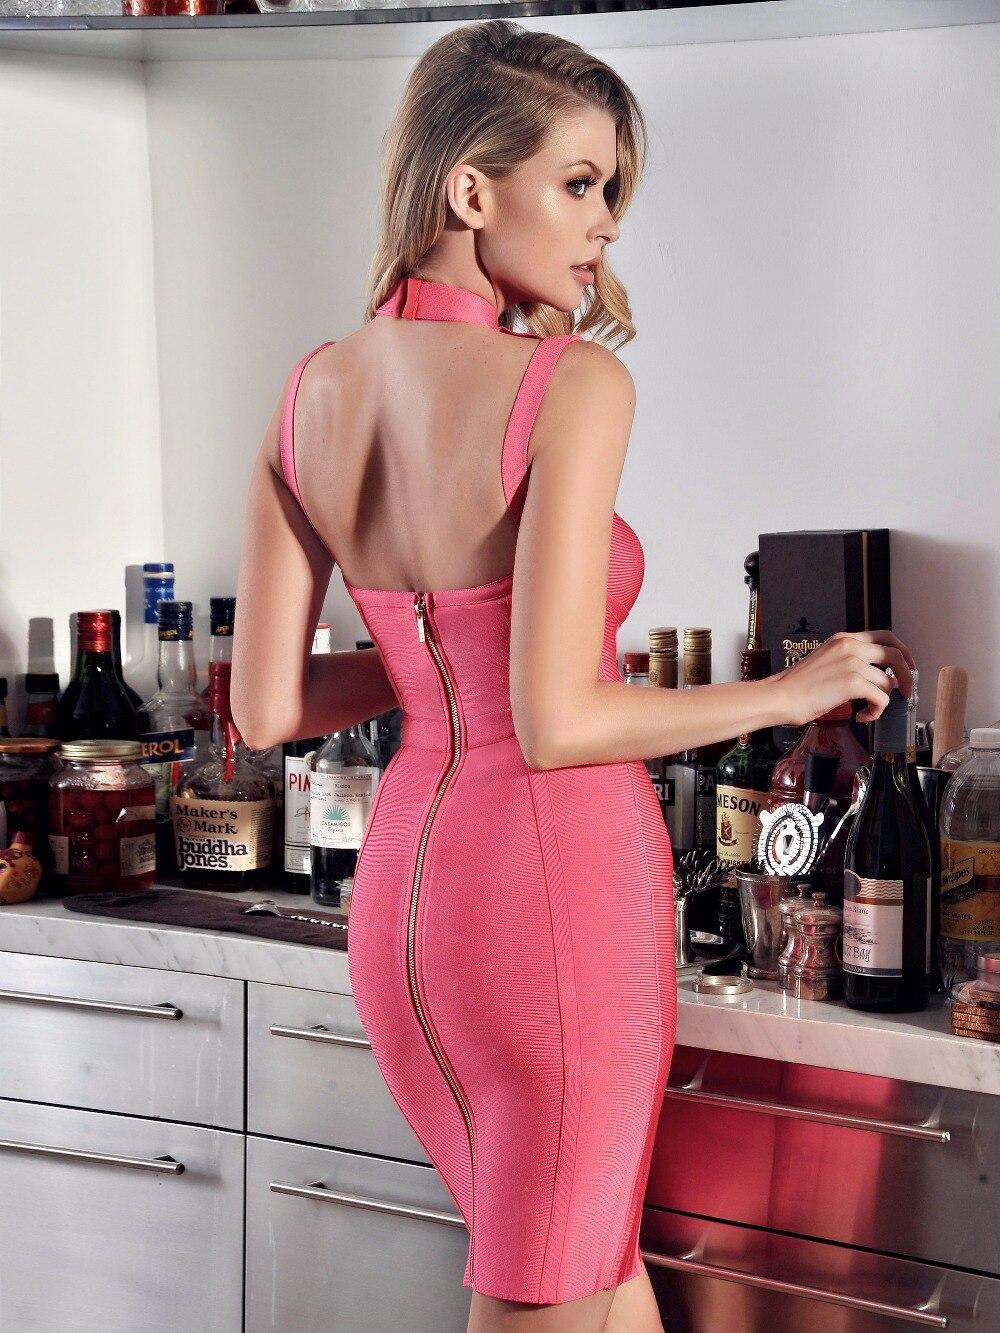 Robes 1Nylon Hl Femmes 90Rayonne Mini Parti Bébé 9Spandex Cut De Spaghetti Femme Sexy Rouge Sangle Leger Prise Out Robe SGqUzLpVM